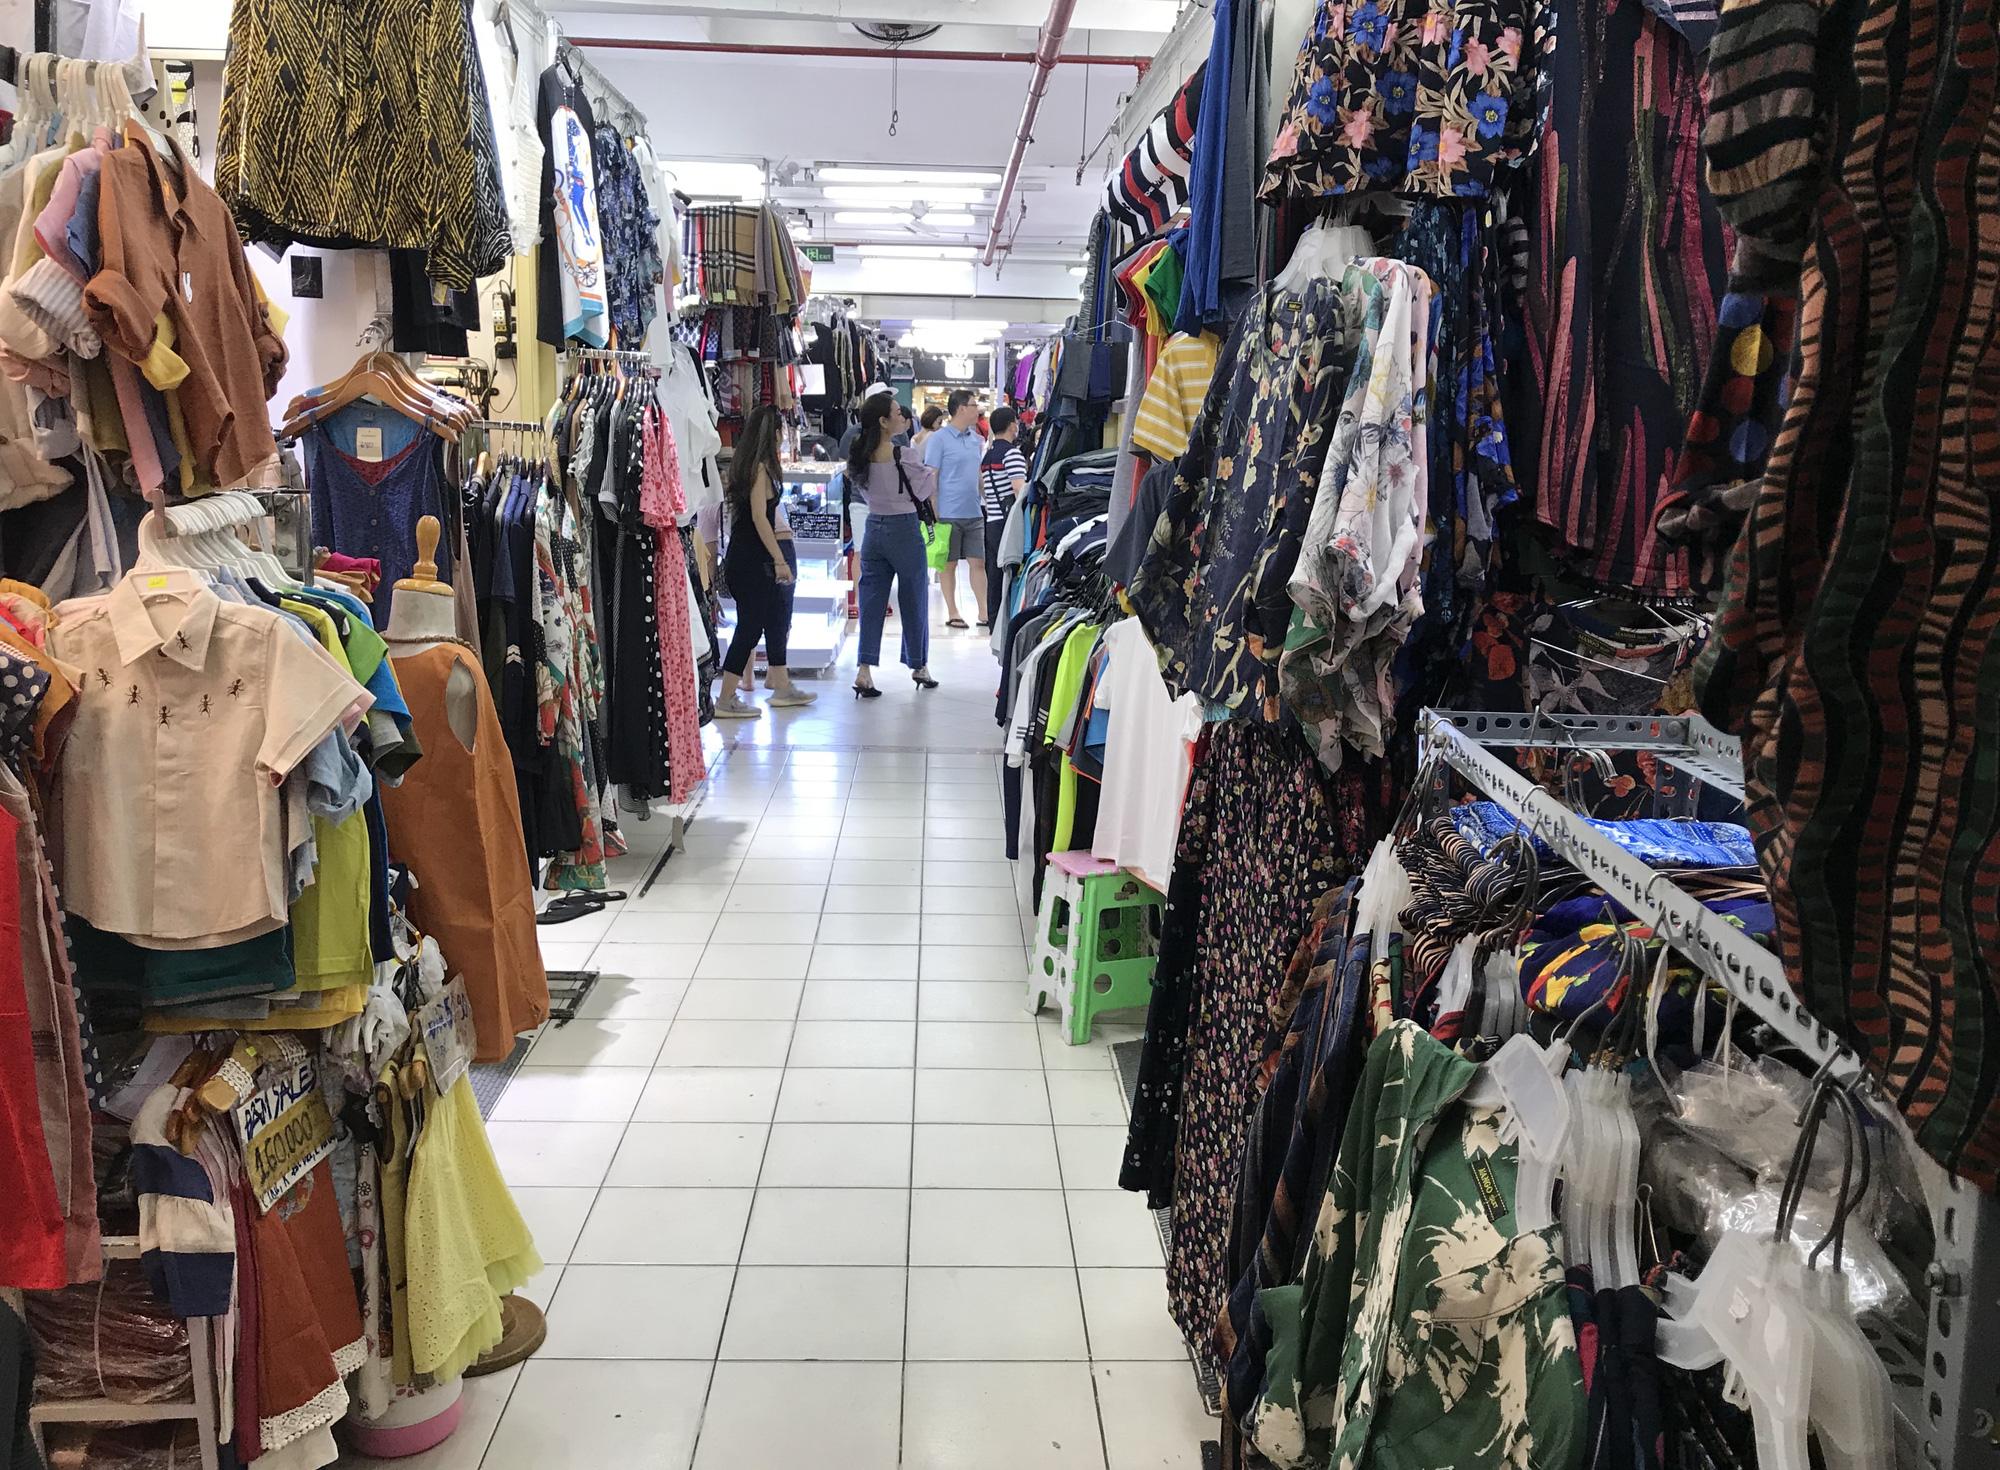 Chợ Bến Thành, Saigon Square ế chưa từng thấy, có tiểu thương đóng cửa, sang sạp vì virus corona - Ảnh 12.